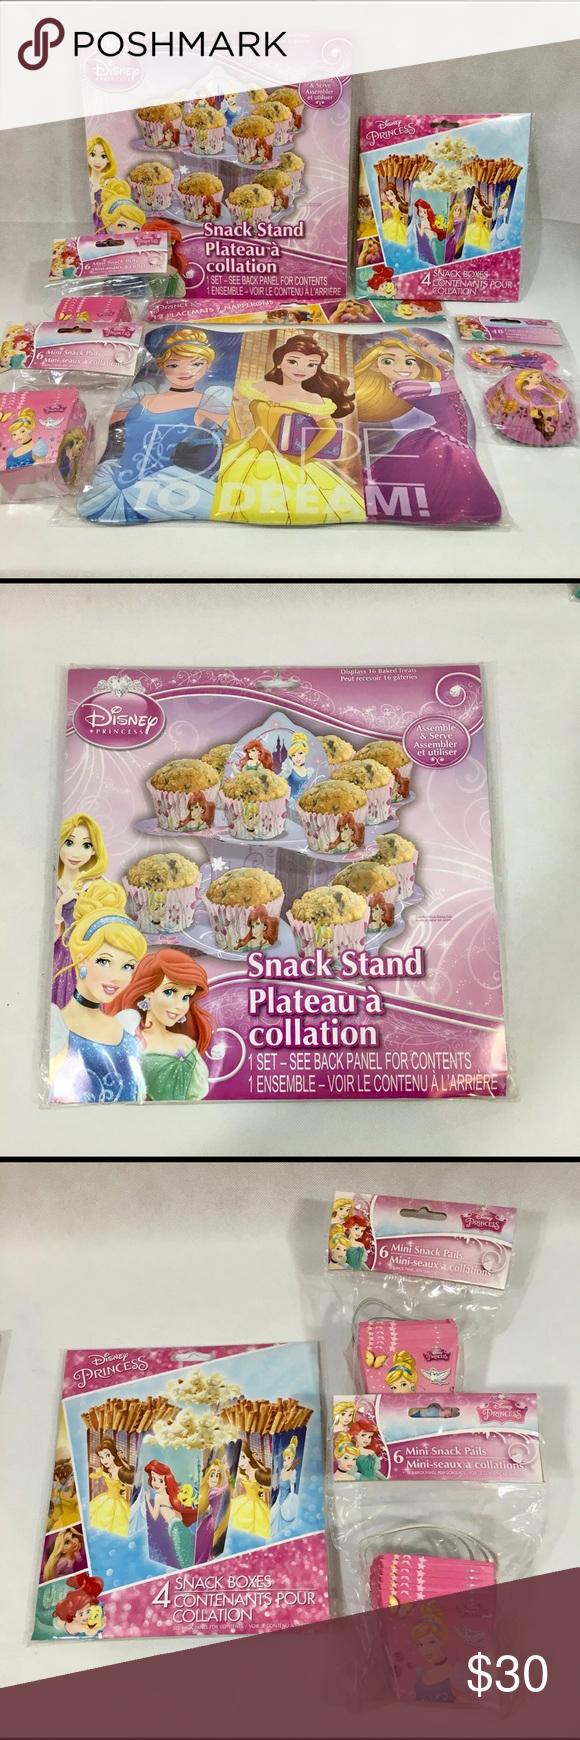 Disney Princess Party Kit Bundle New Disney Princess Party Party Bundles Disney Party Supplies